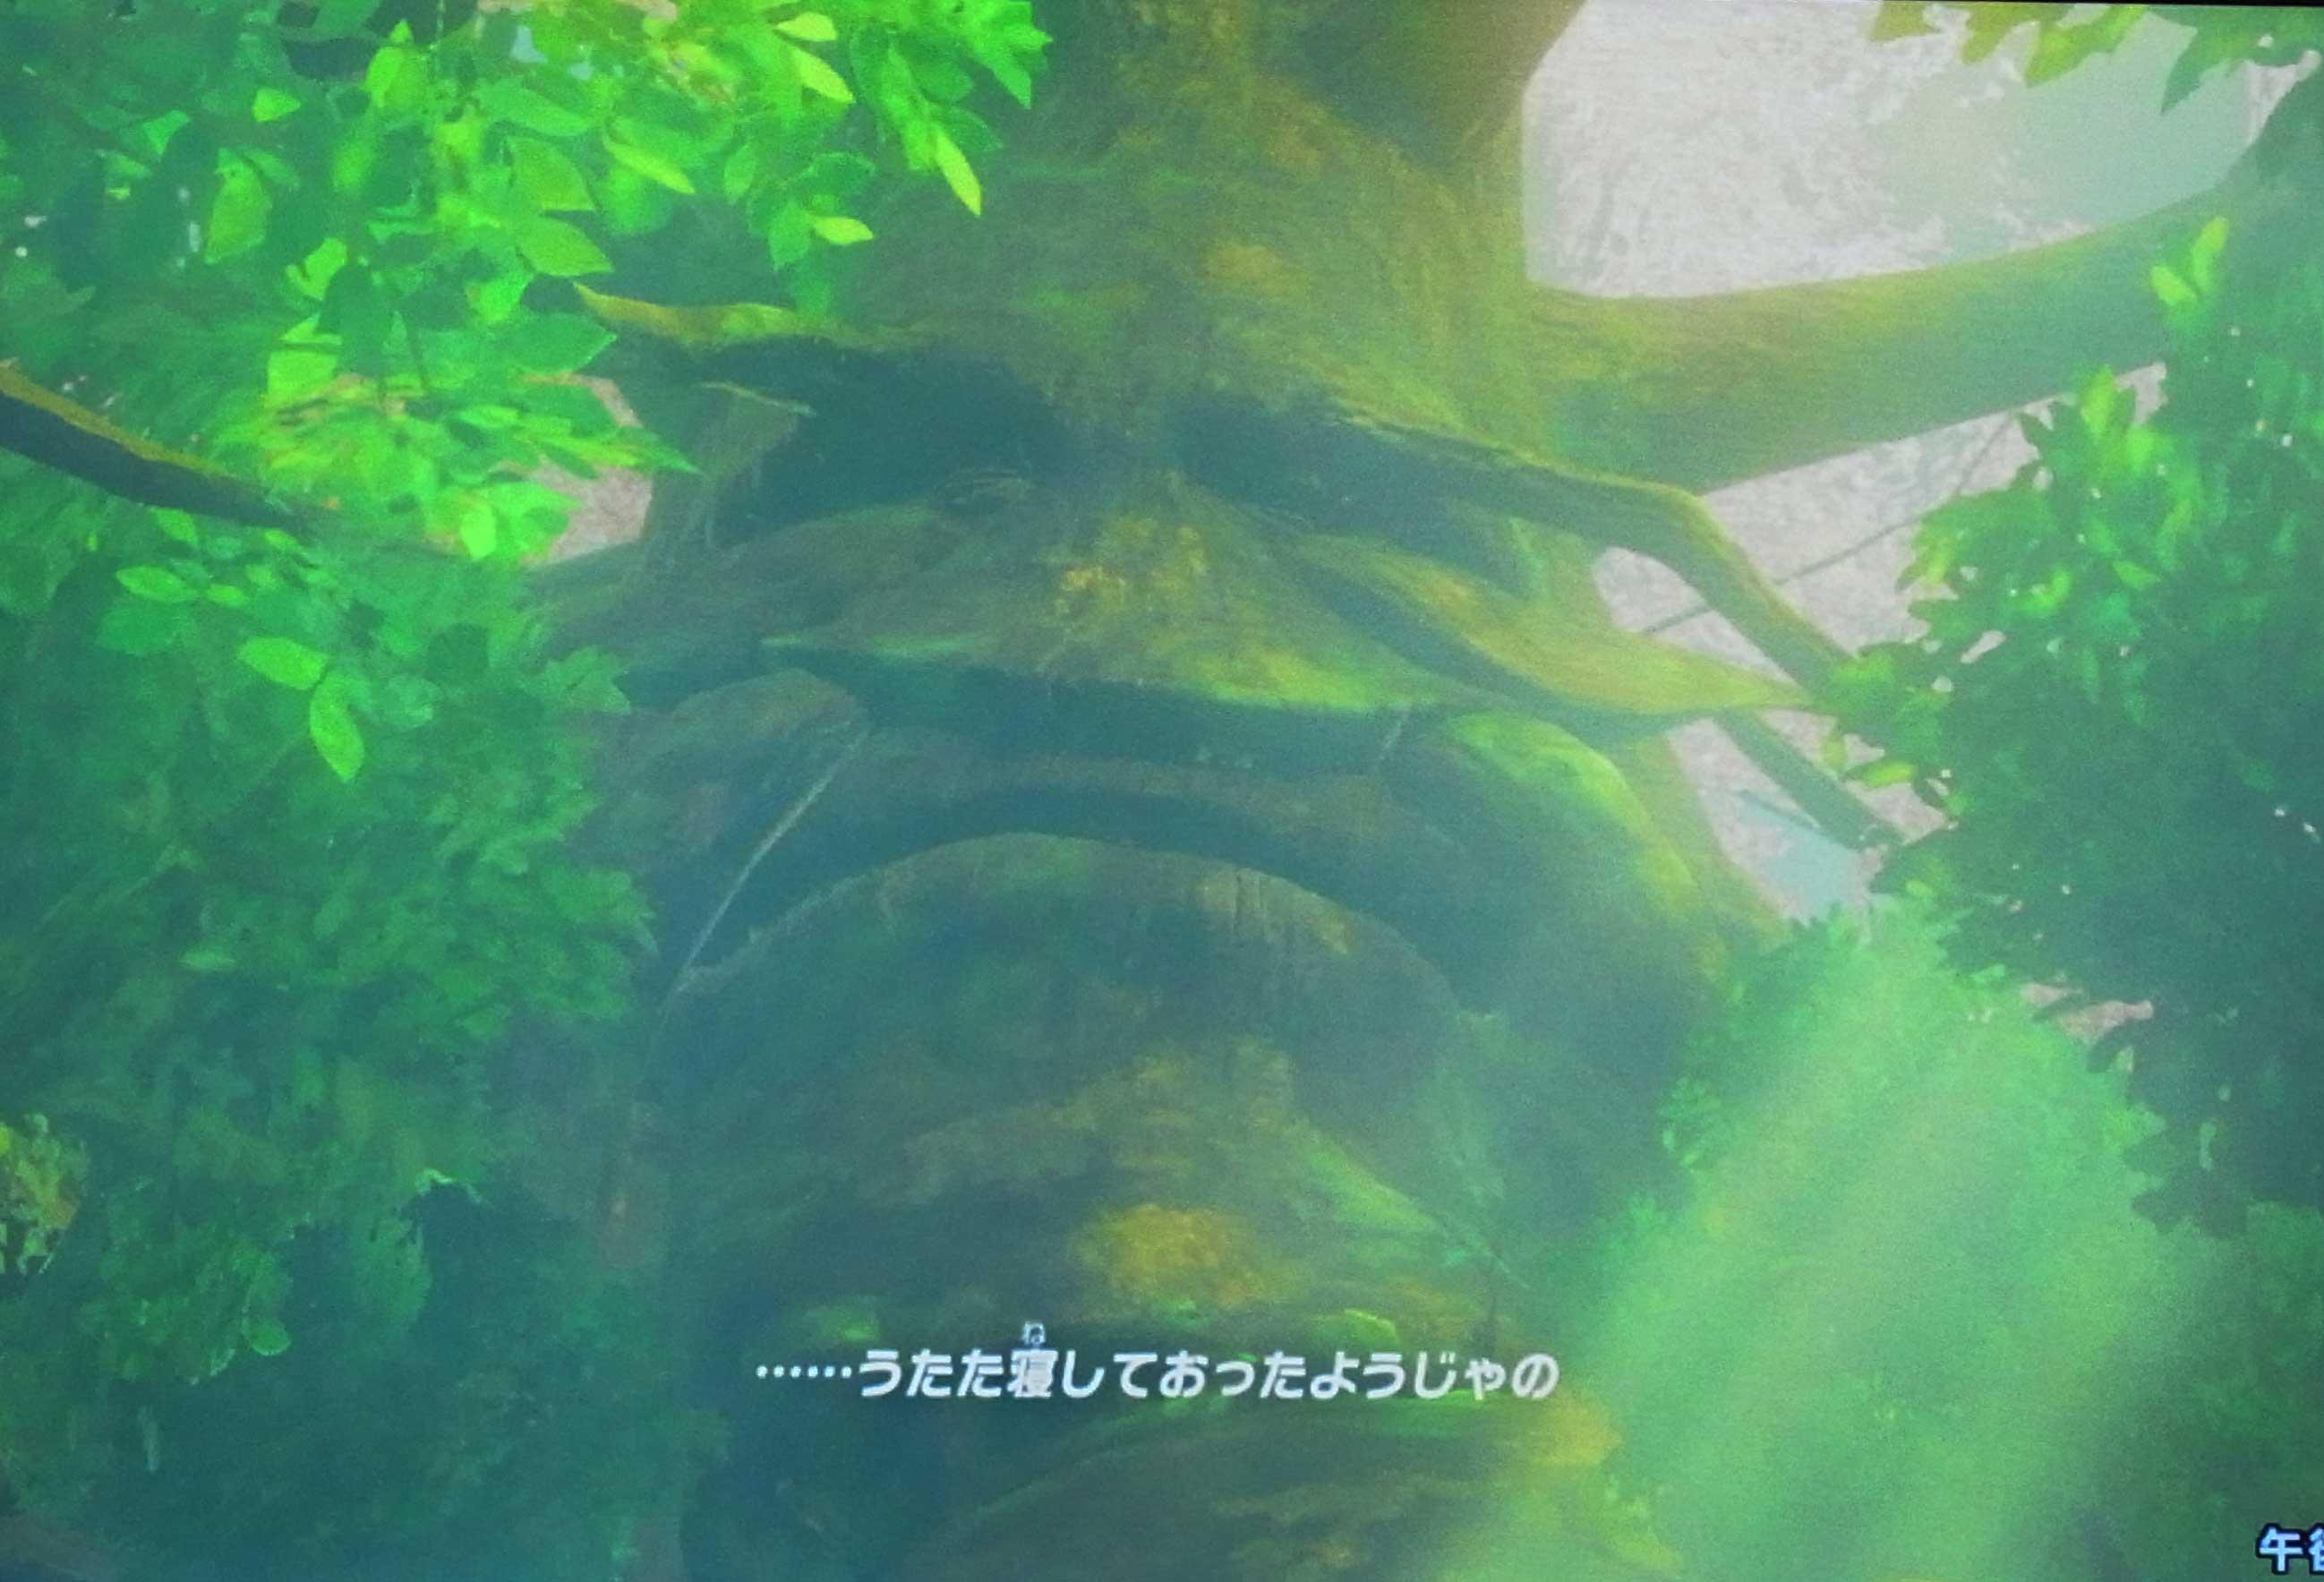 ゼルダ の 伝説 ブレス オブザ ワイルド コログ の 森